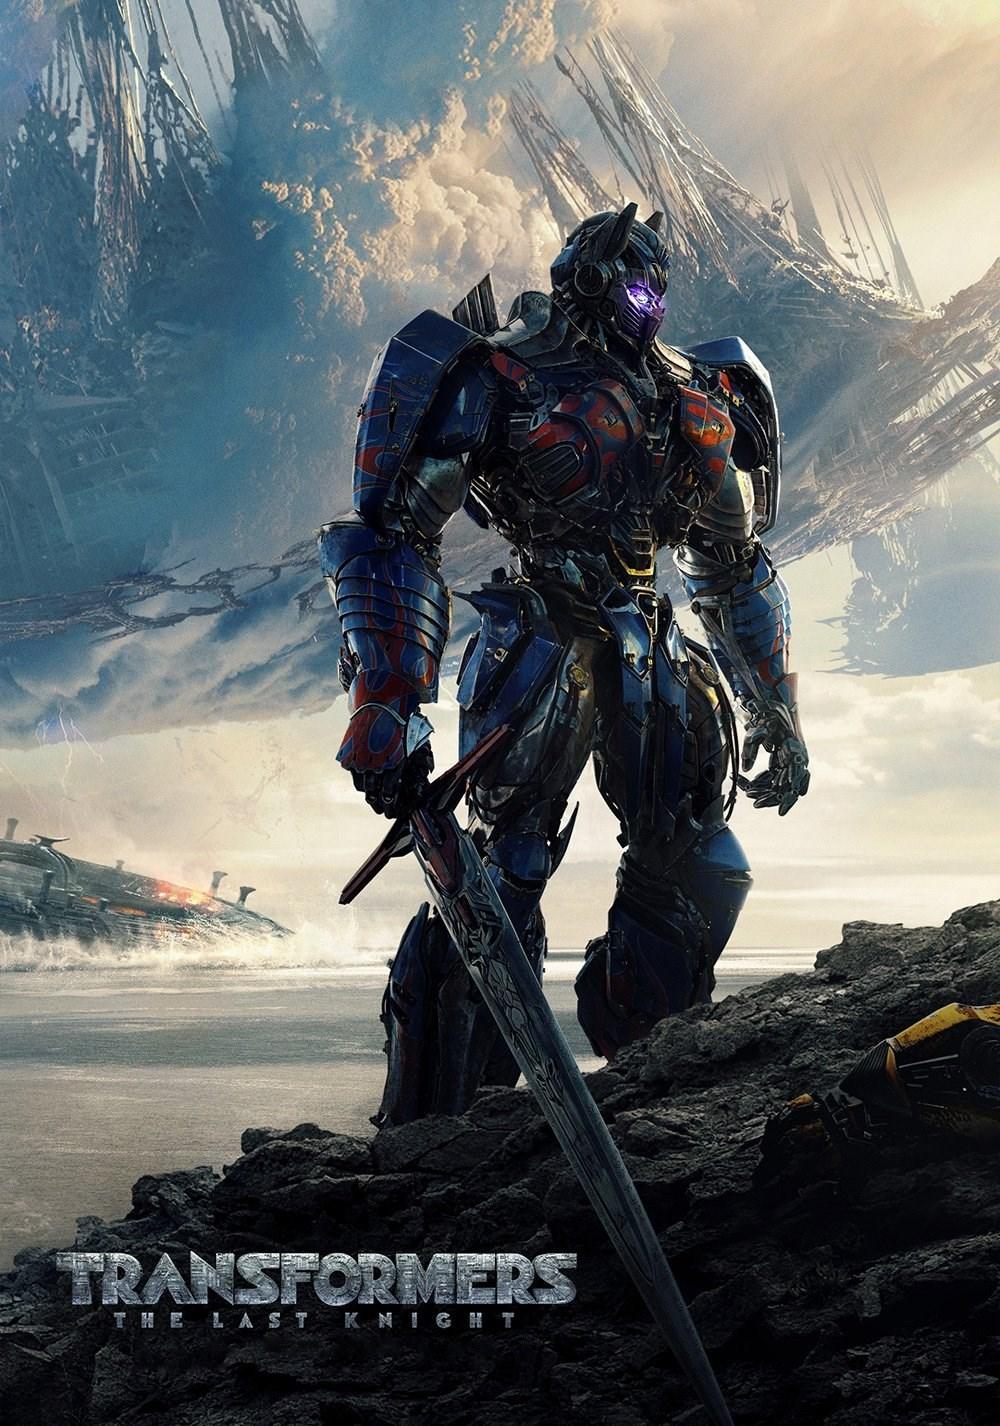 Transformers 5: Chiến Binh Cuối Cùng